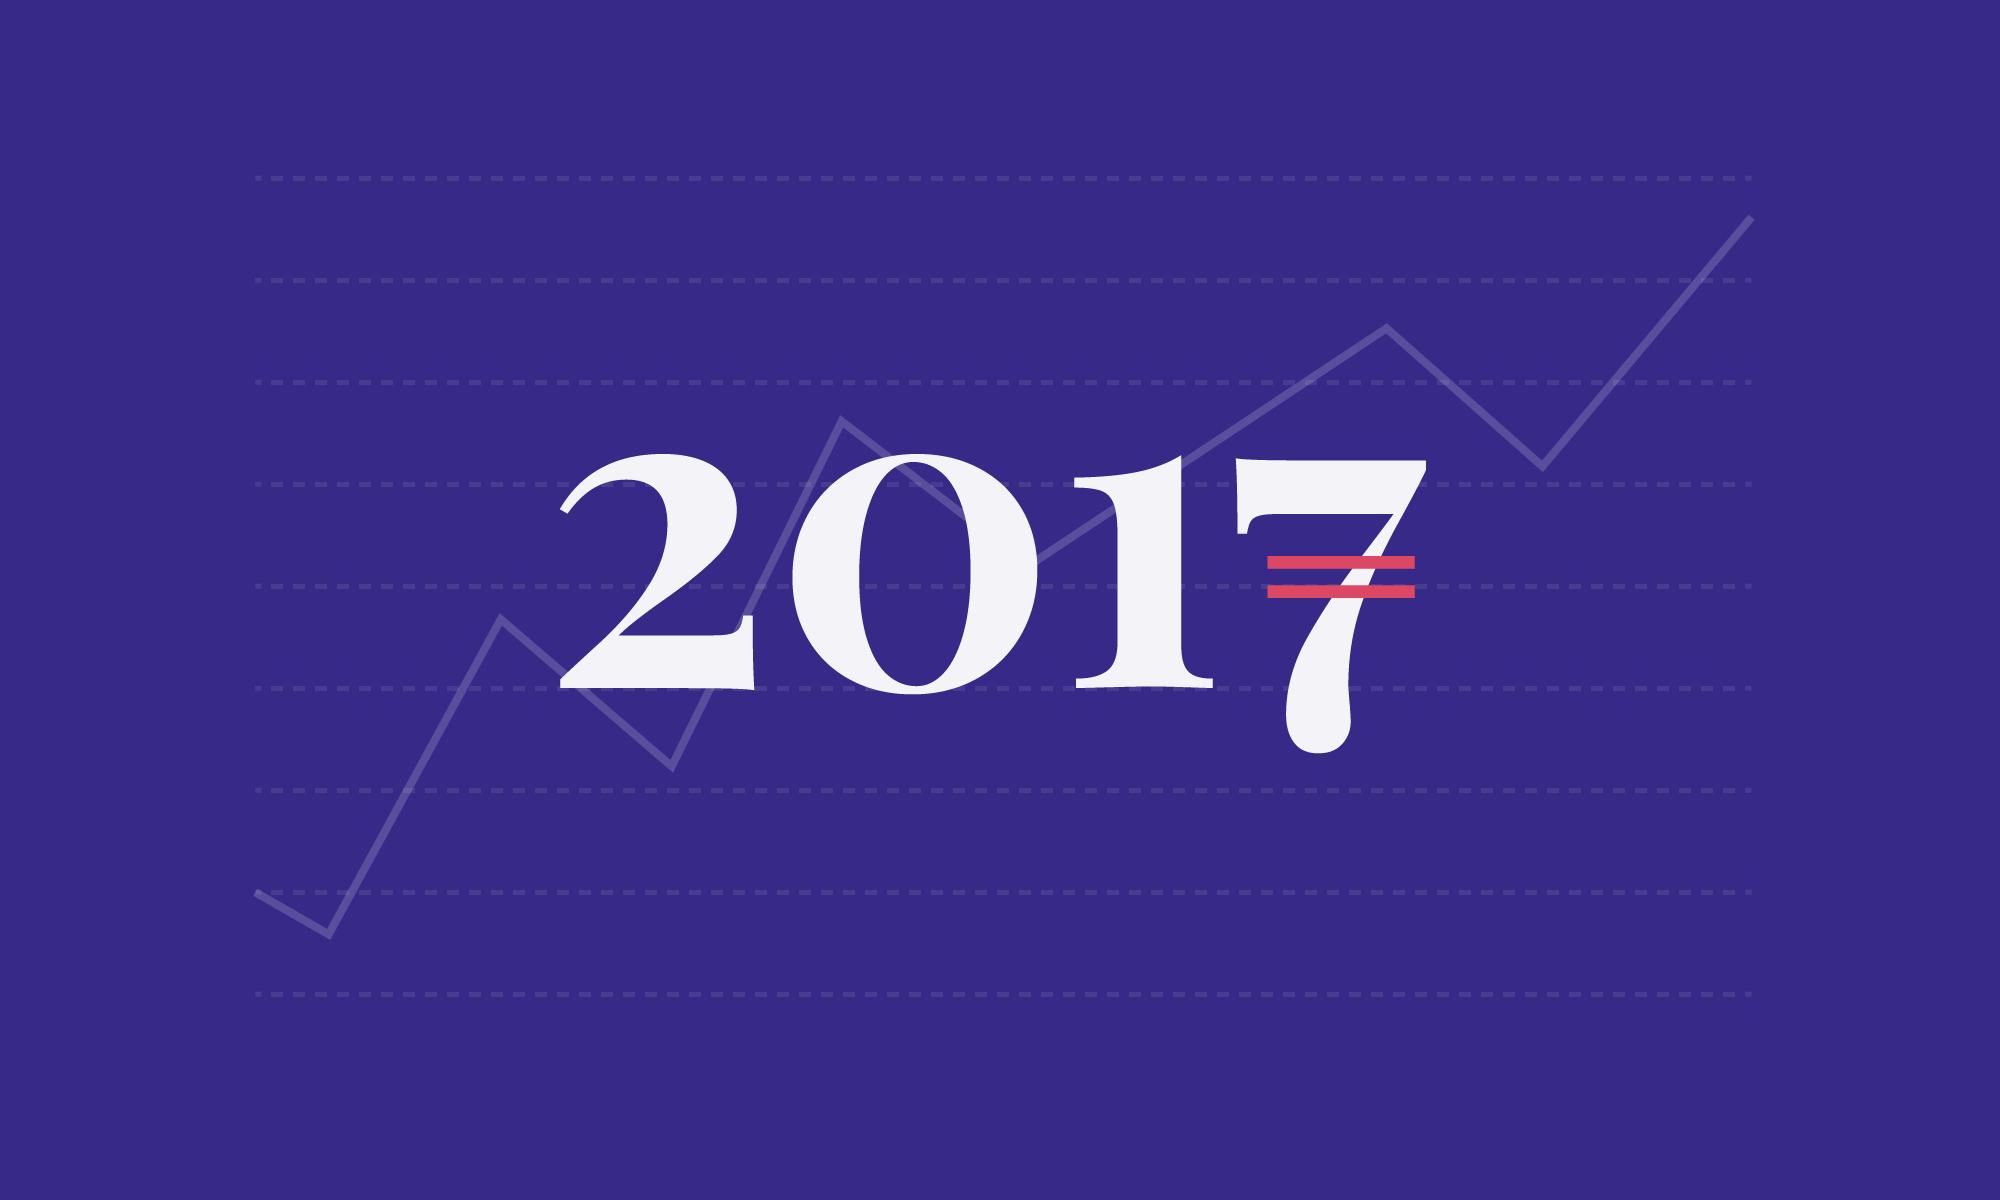 Junes fondes afkast i 2017